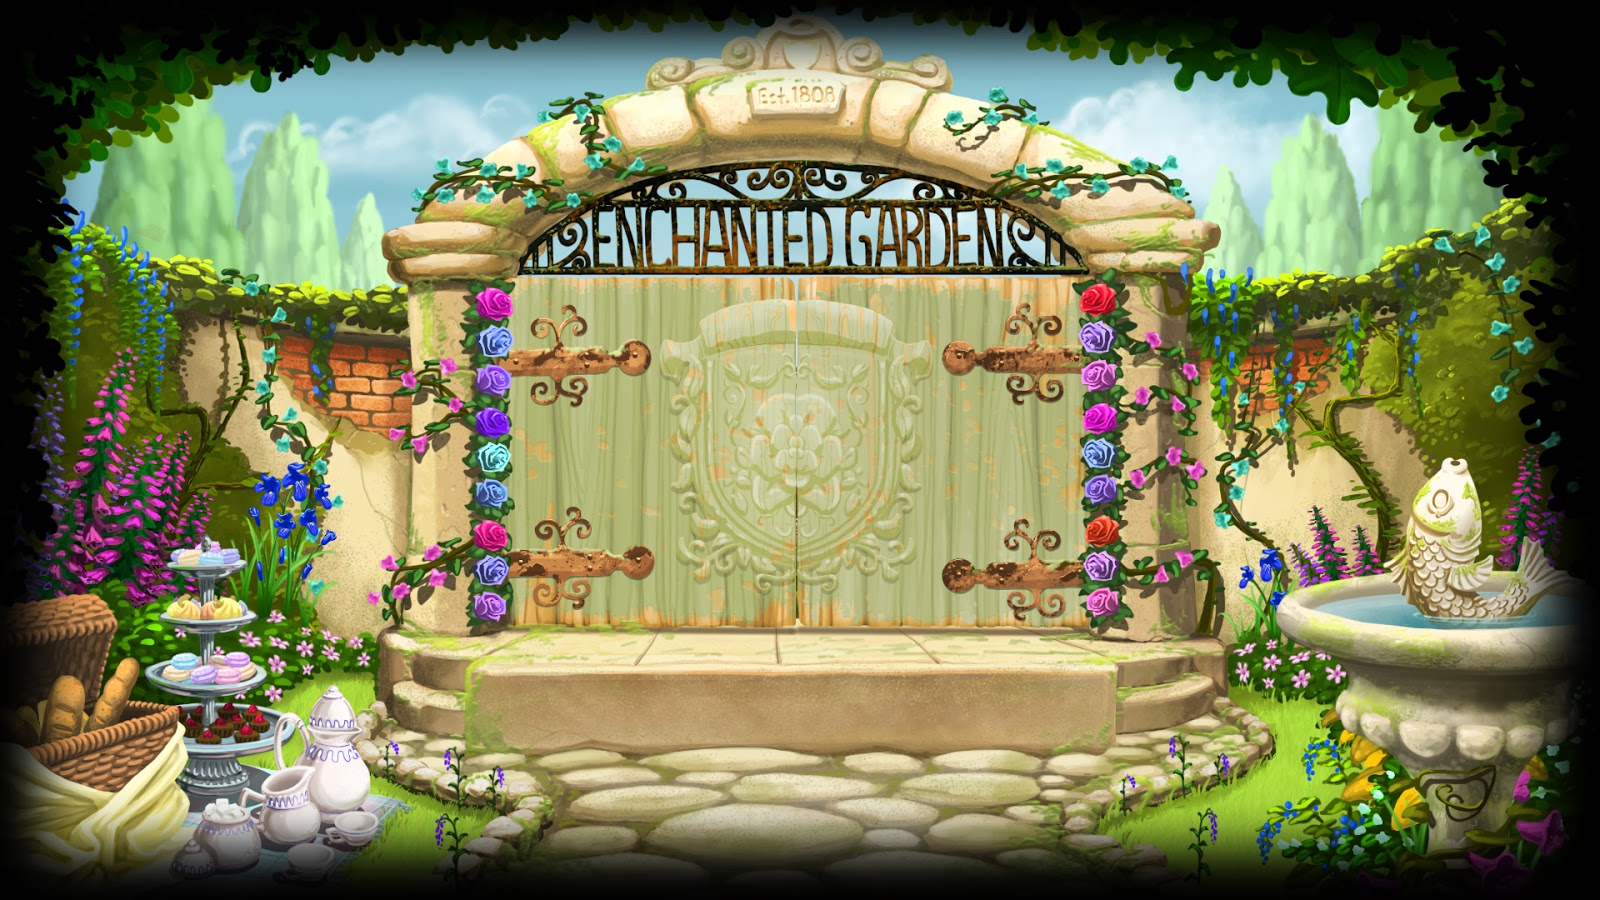 Enchanted Garden: Enchanted Garden Wallpaper